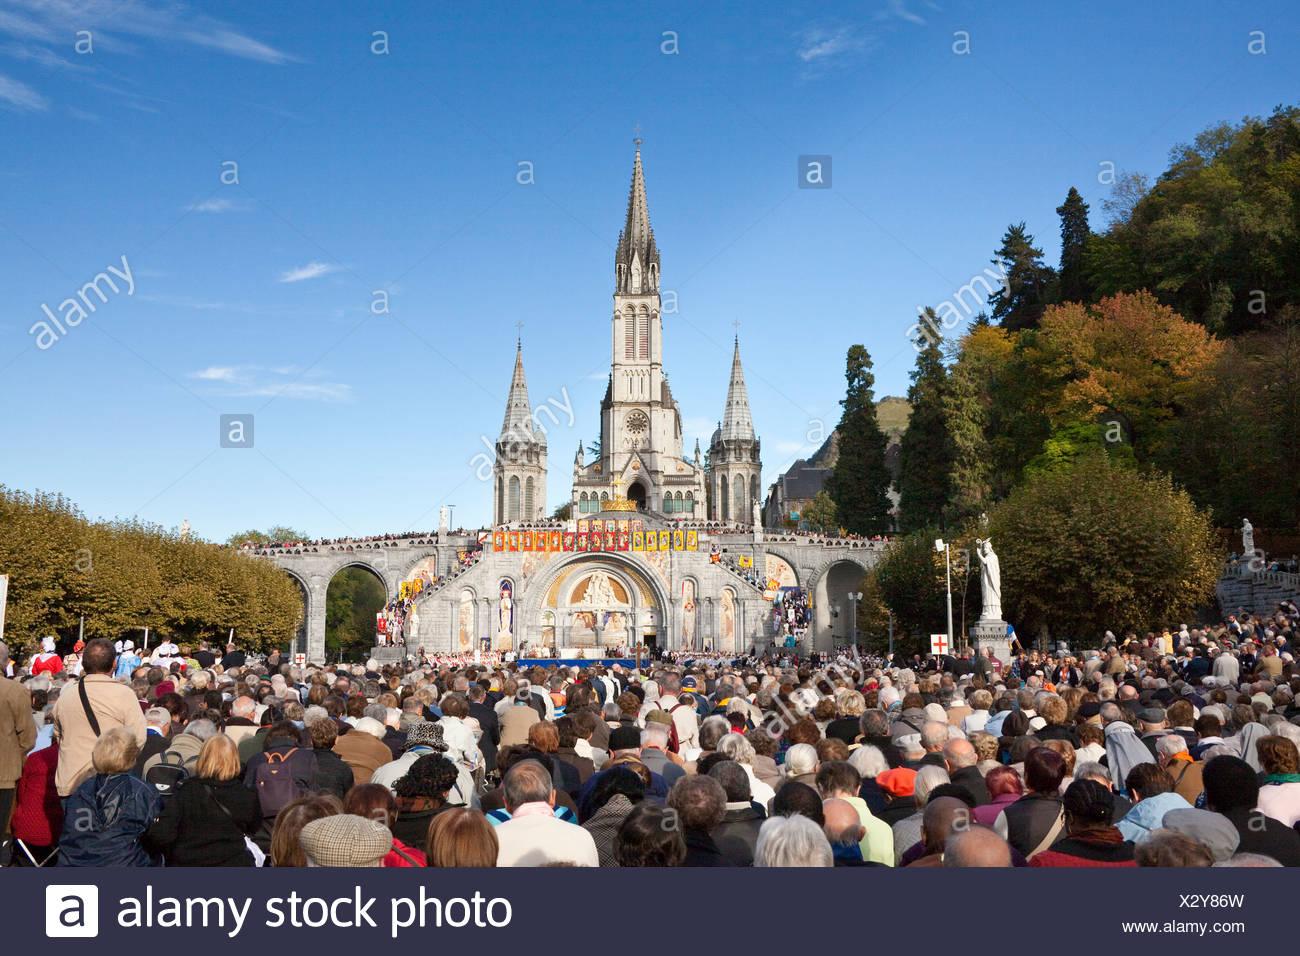 France, Europe, Lourdes, Pyrénées, lieu de pèlerinage, l'espoir, de miracle, de l'église, les croyants, les créanciers, la religion Banque D'Images